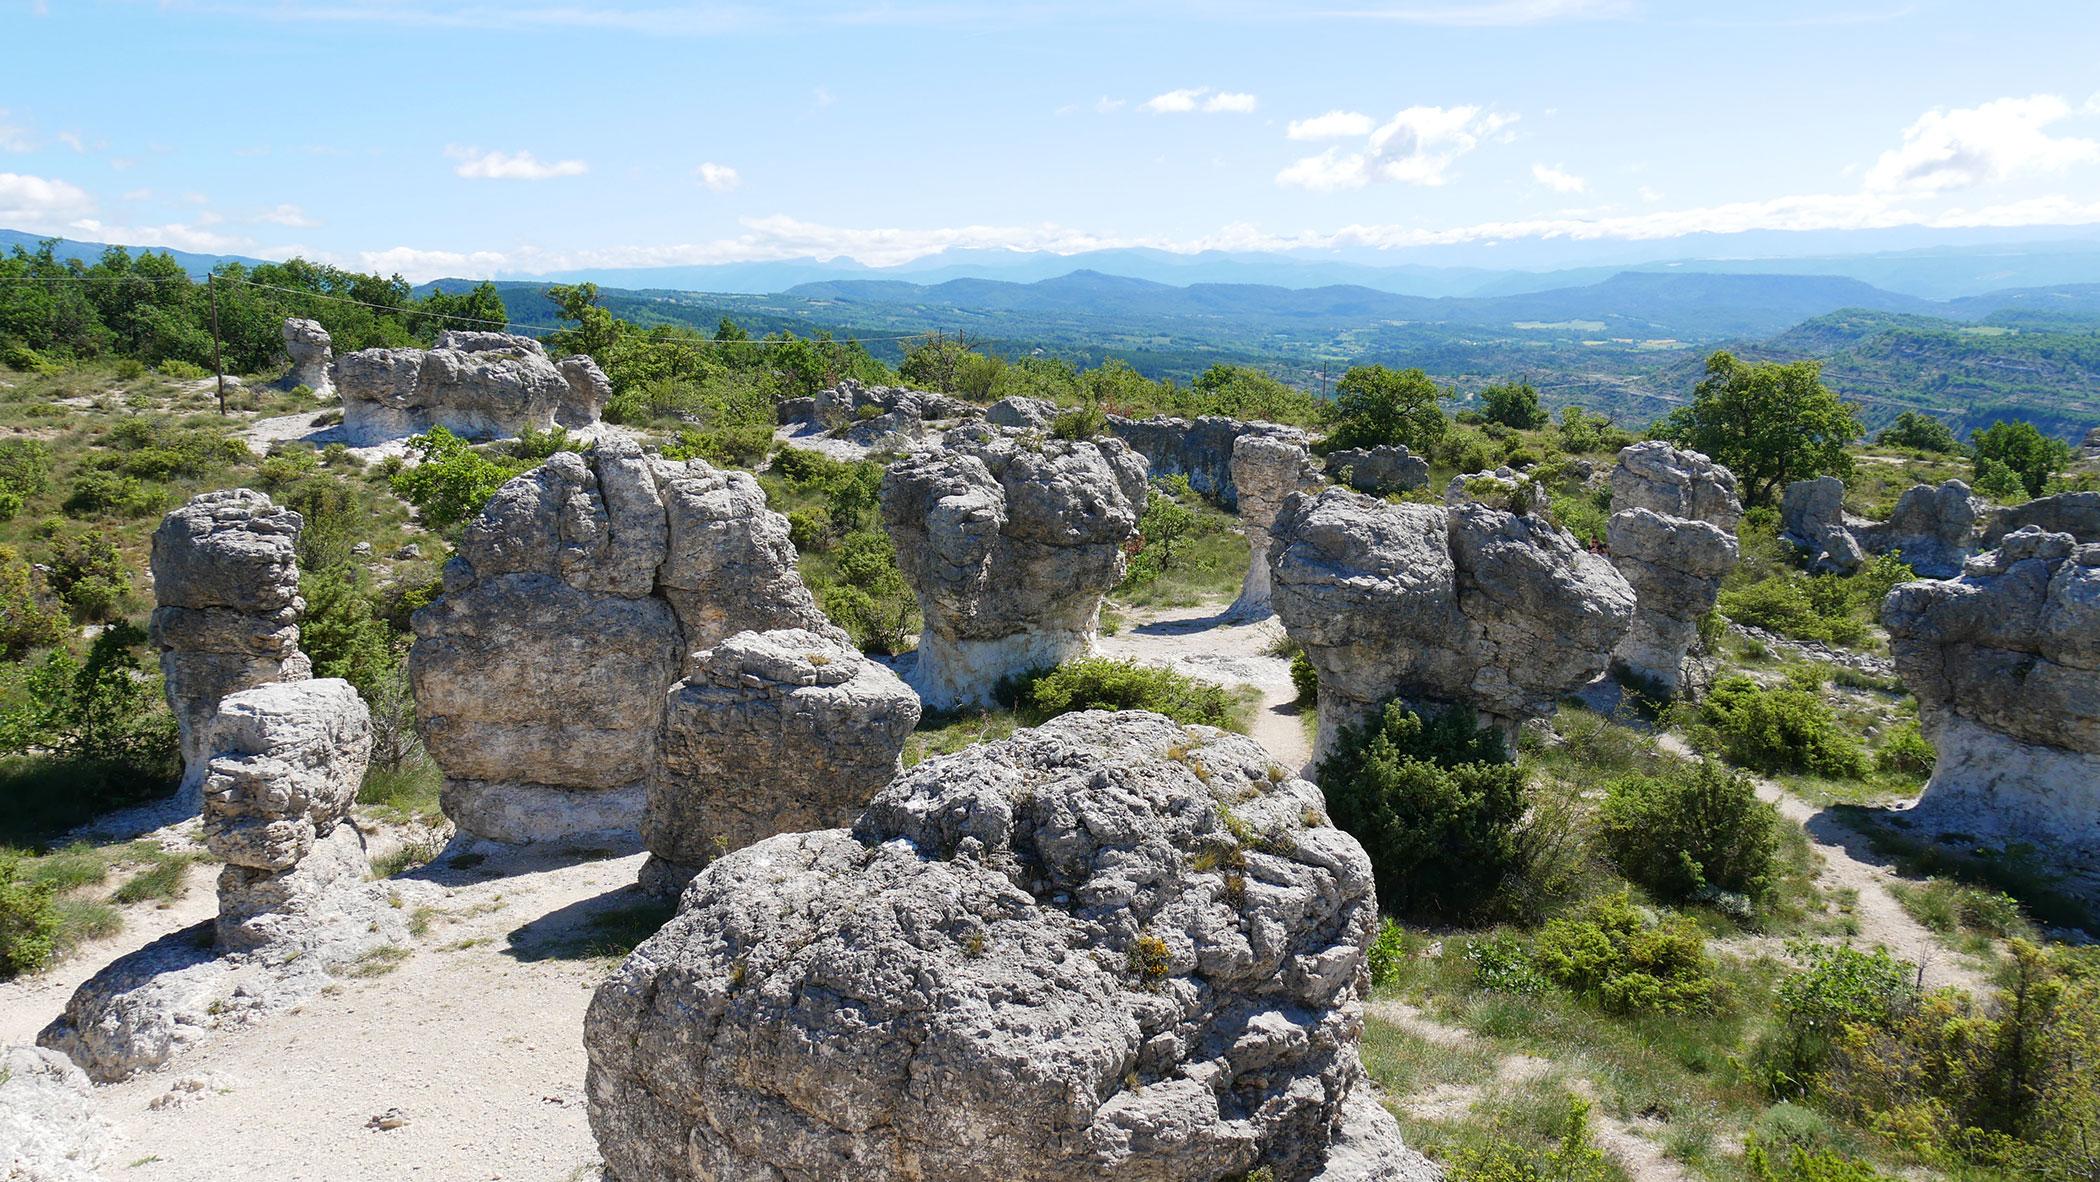 Rochers-des-Mourres-haute-provence